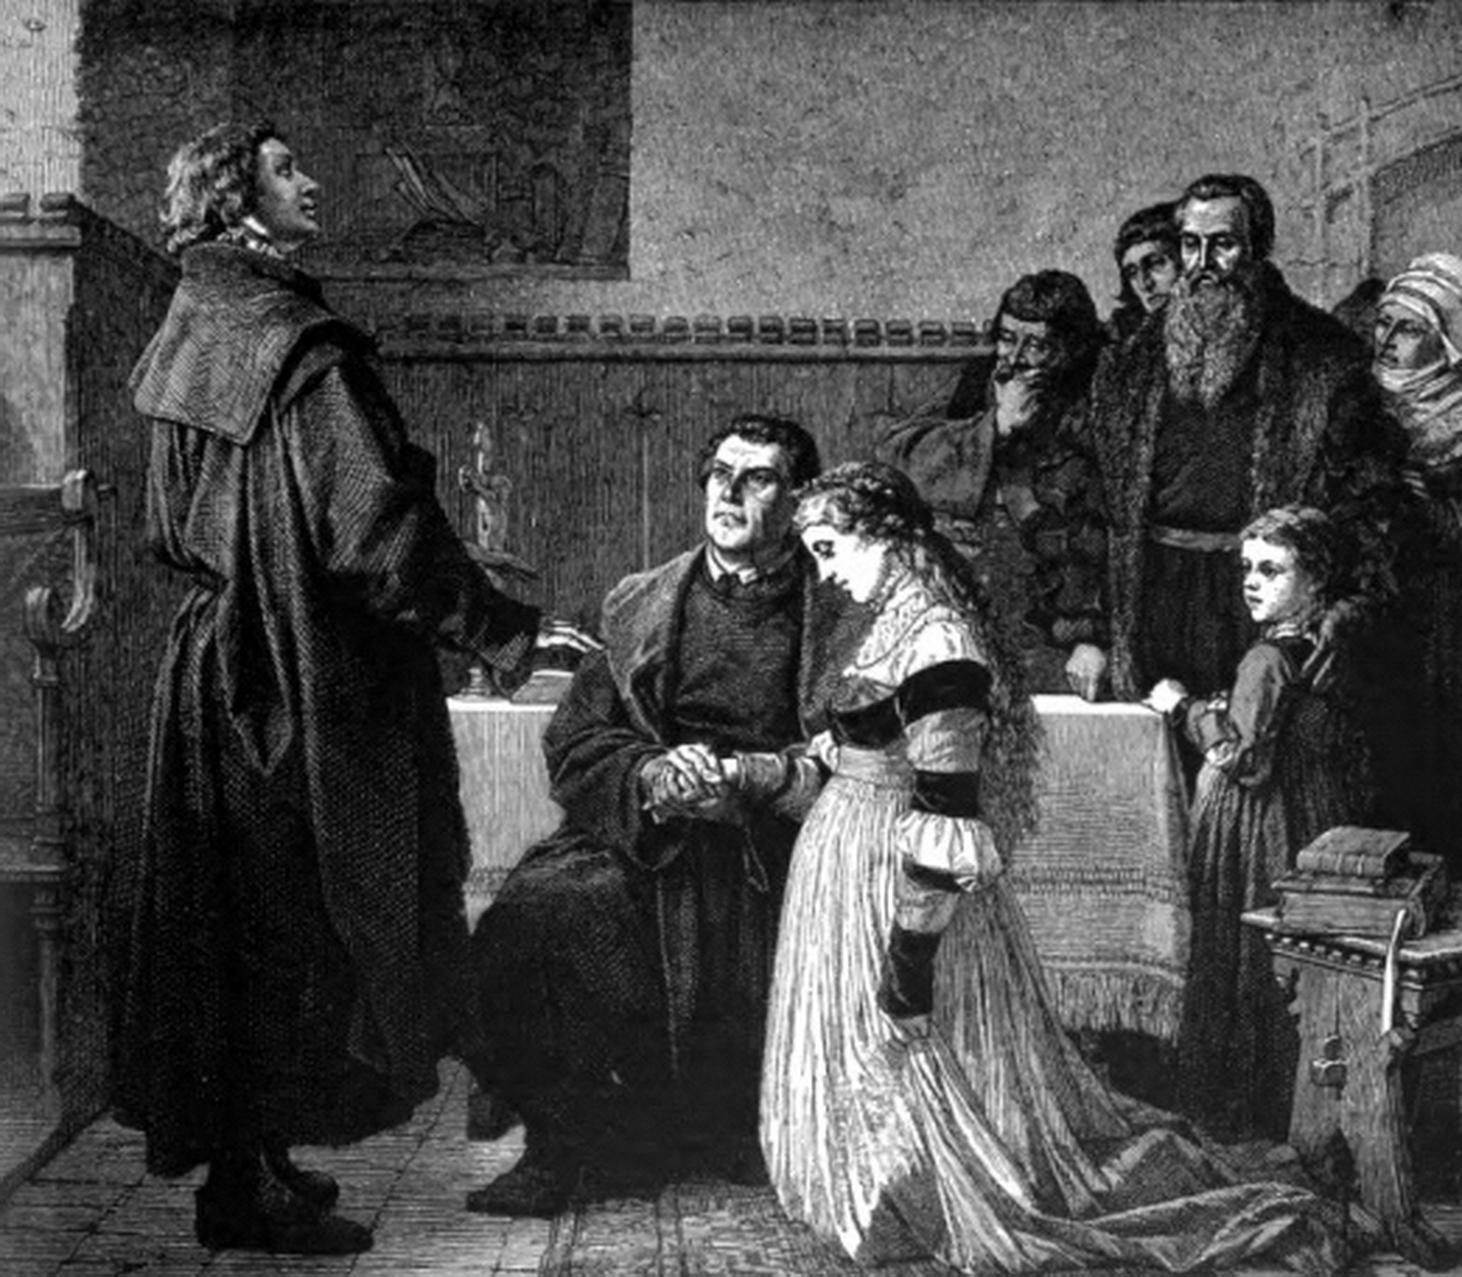 Svatby celebrit - Martin Luther a Katharina von Bora (1525)